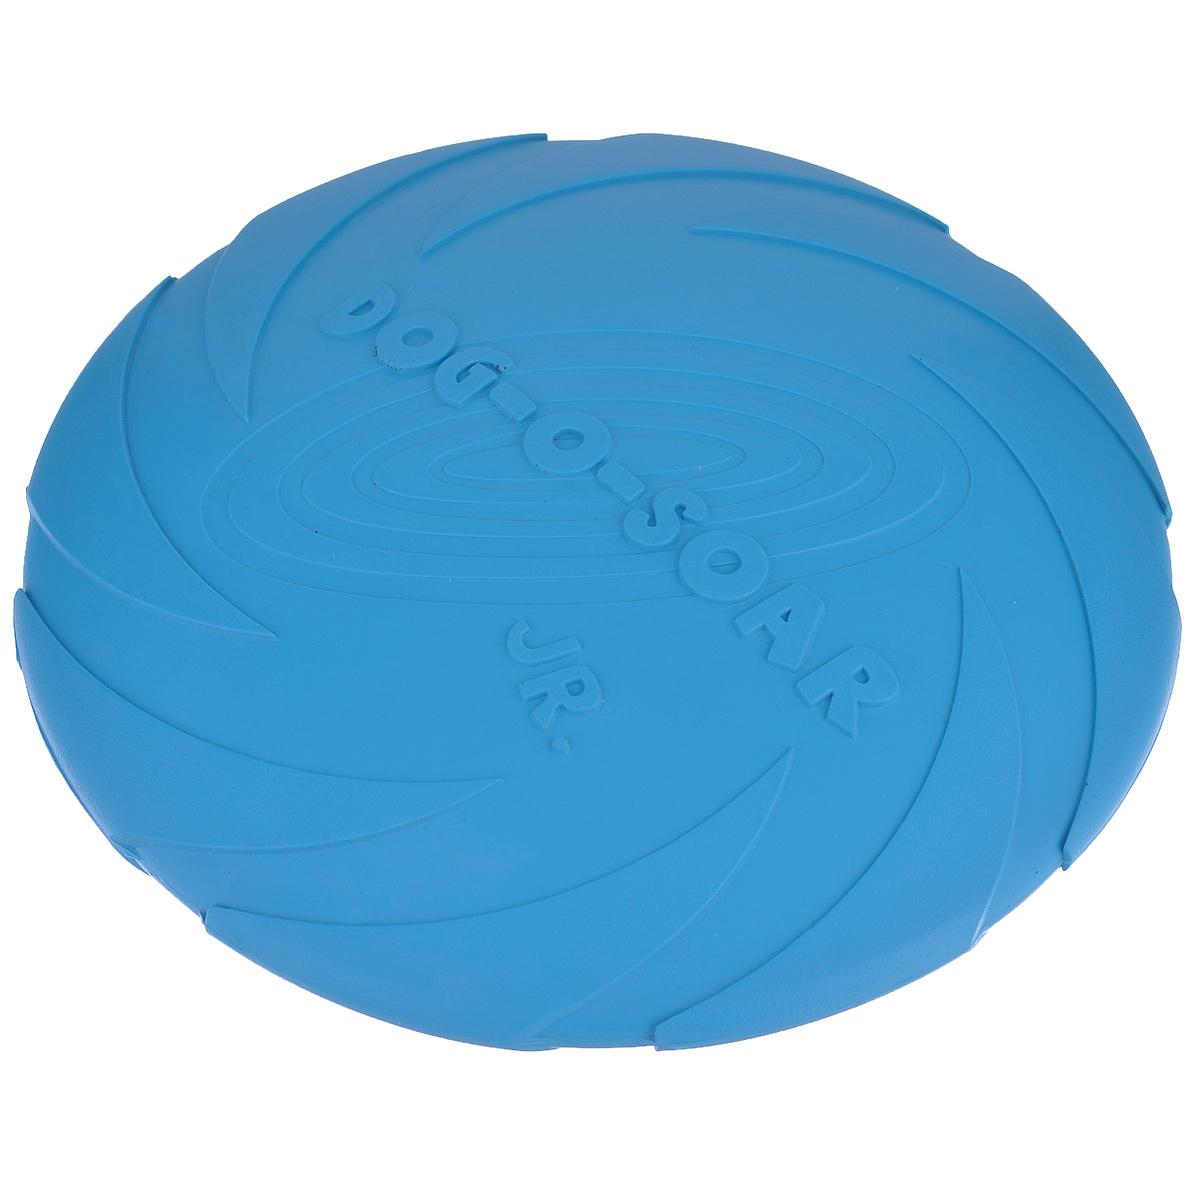 Игрушка для собак I.P.T.S. Фрисби, цвет: голубой, диаметр 18 см16200/625704_голубойИгрушка I.P.T.S. Фрисби, выполненная из резины, отлично подойдет для совместных игр хозяина и собаки. В отличие от пластиковых, такая игрушка не образует острых зазубрин и трещин, способных повредить десны питомца. Совместные игры укрепляют взаимоотношение и понимание.Диаметр: 18 см.